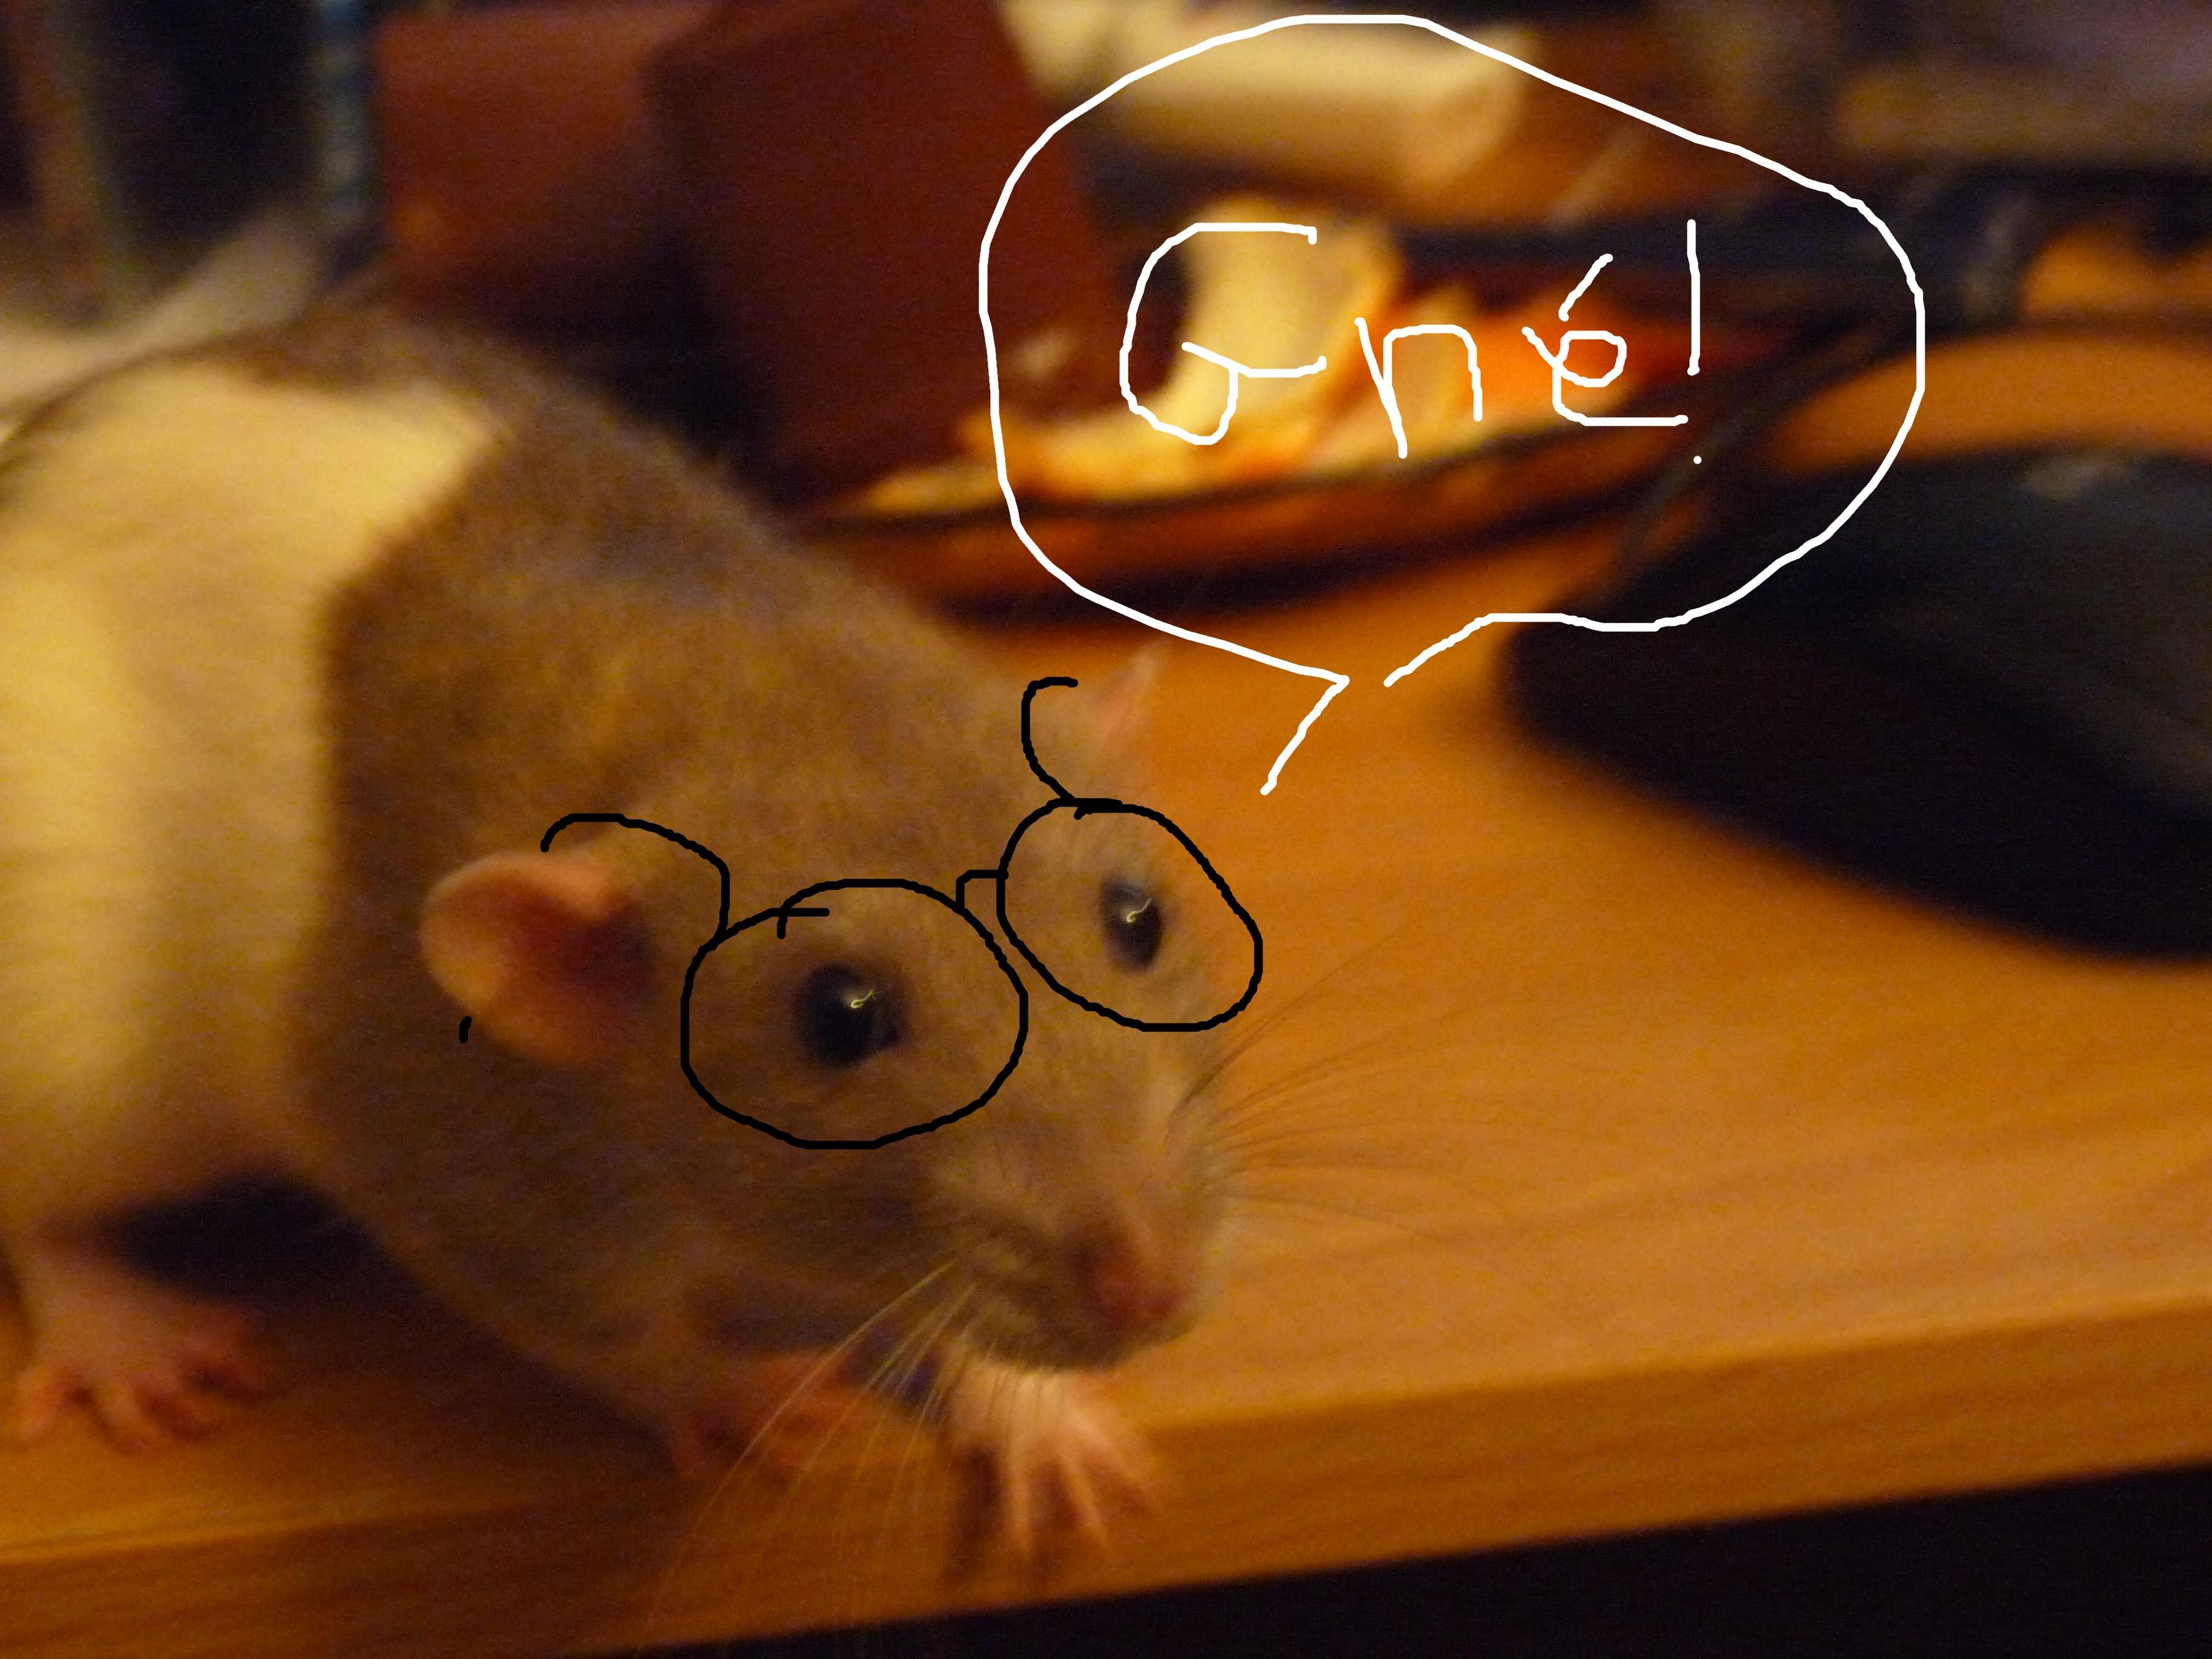 Homme Chat Rat Salle De Bain ~ comment reconnaitre un rat aveugle nouveaux animaux de compagnie